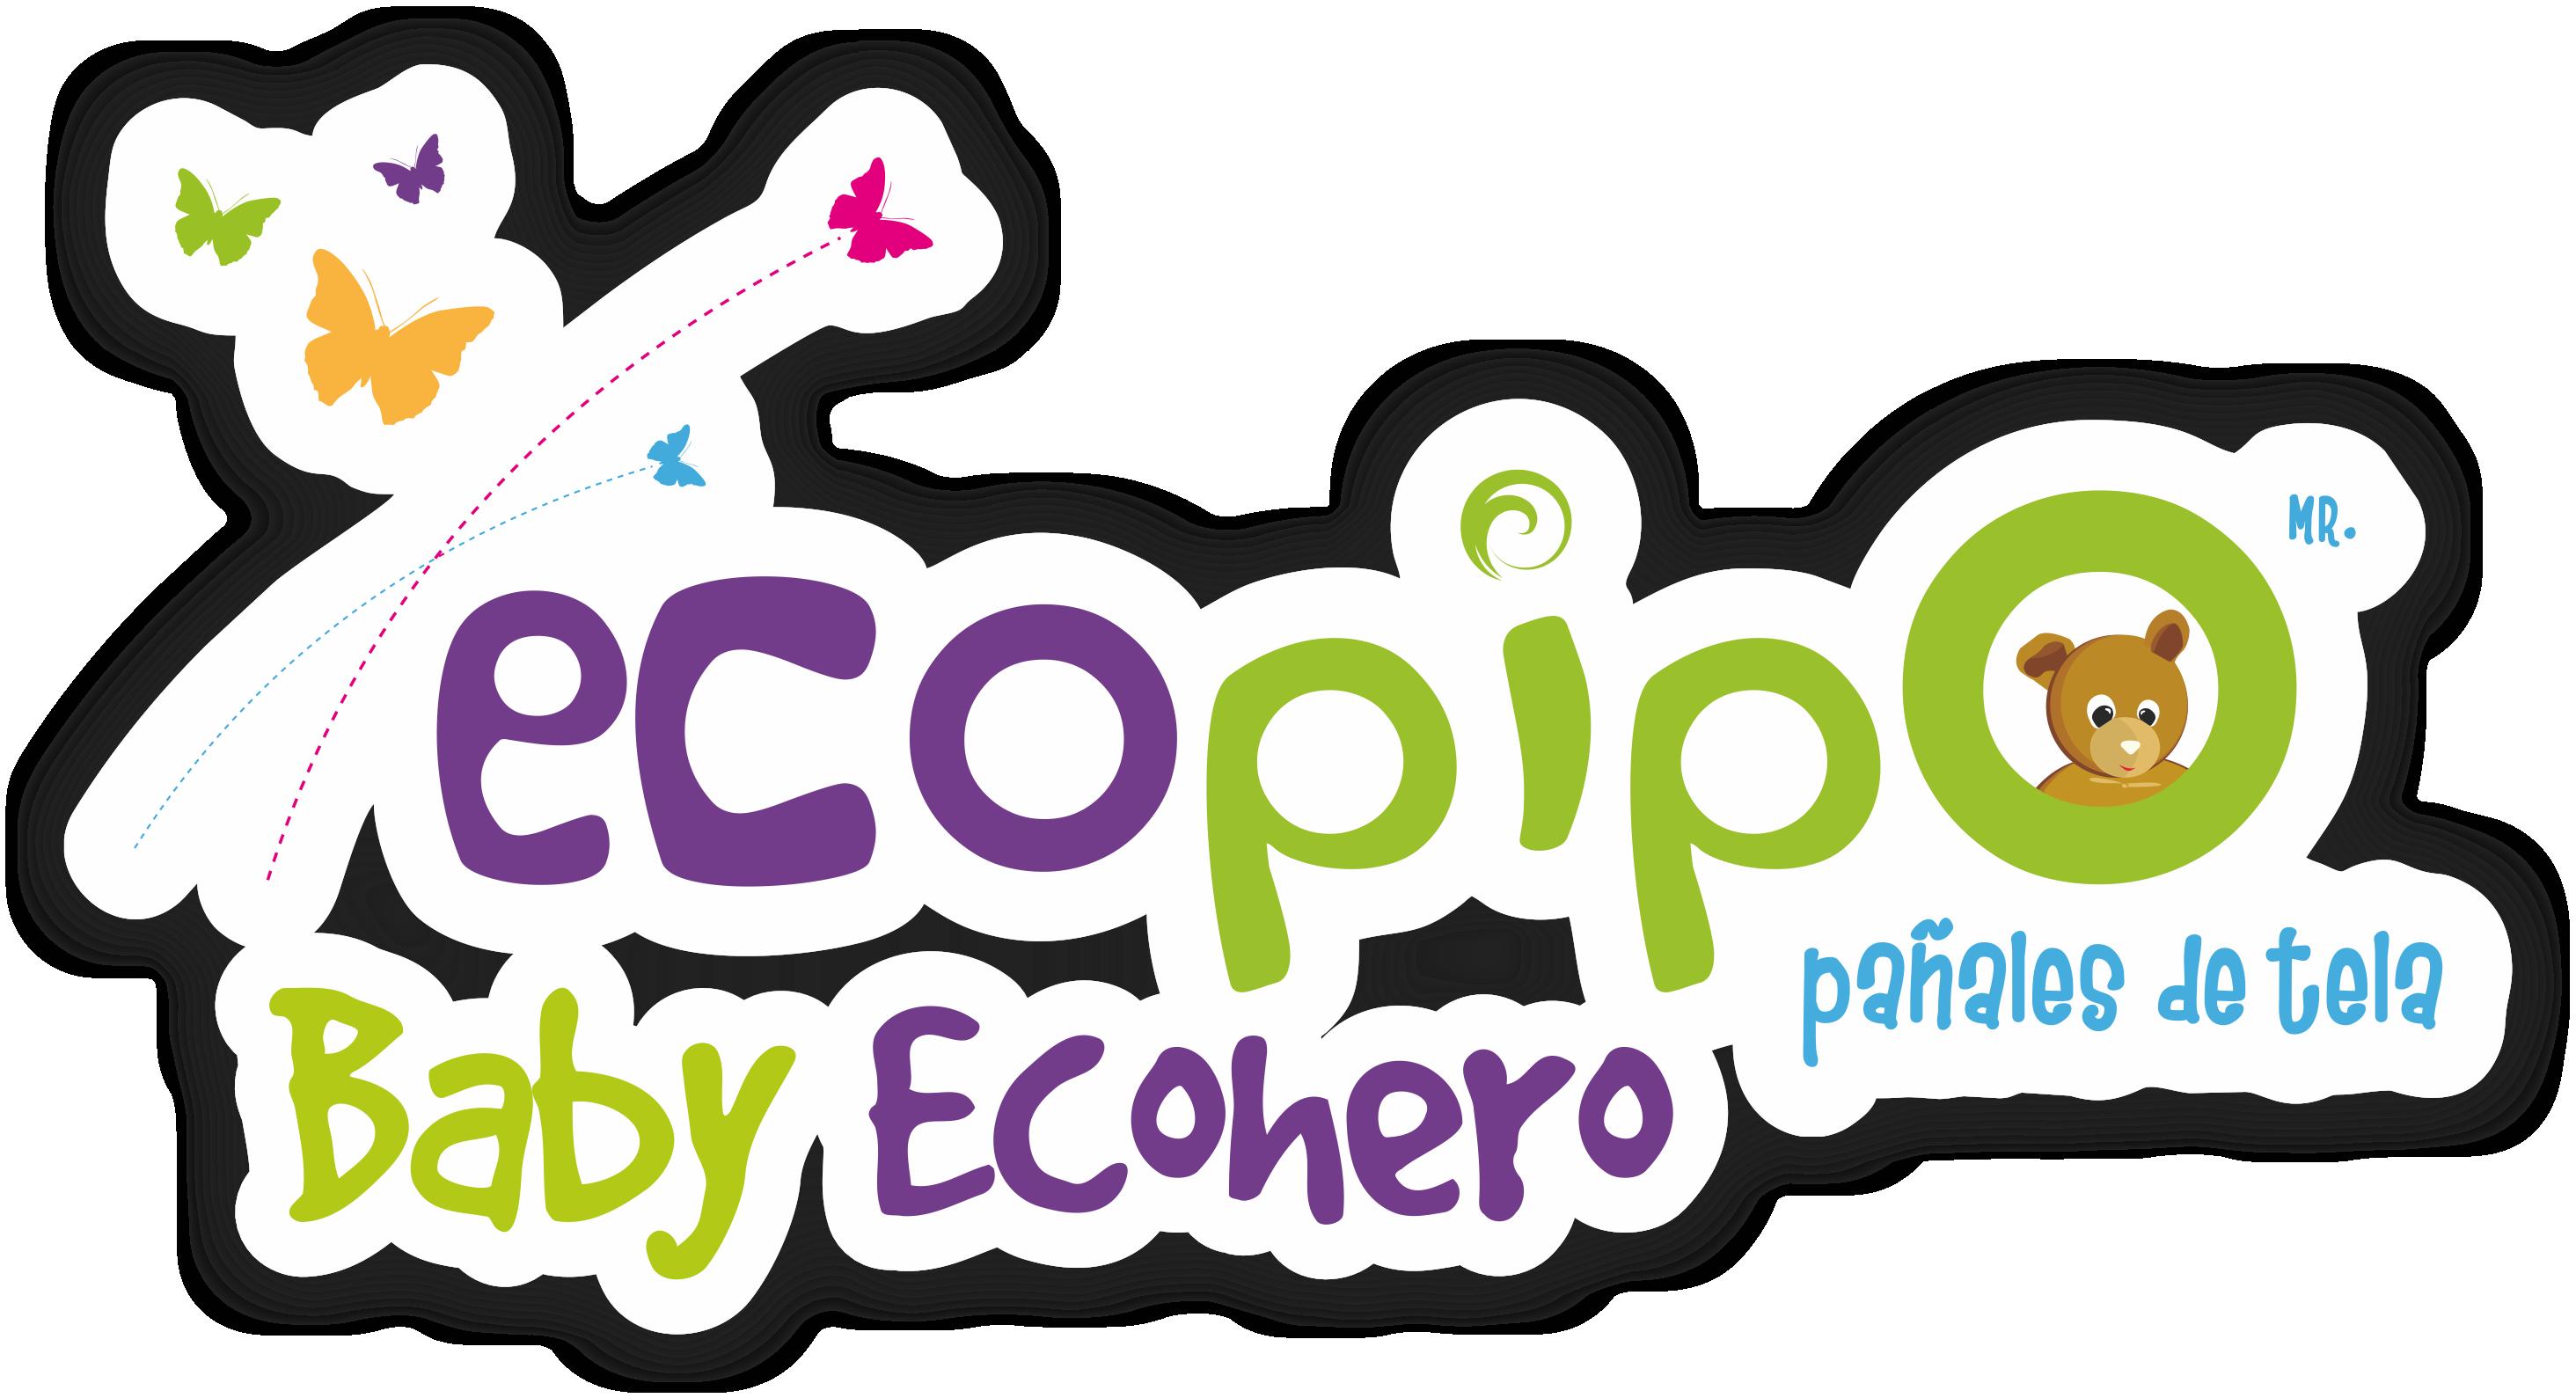 Ecopipo Eco Hero